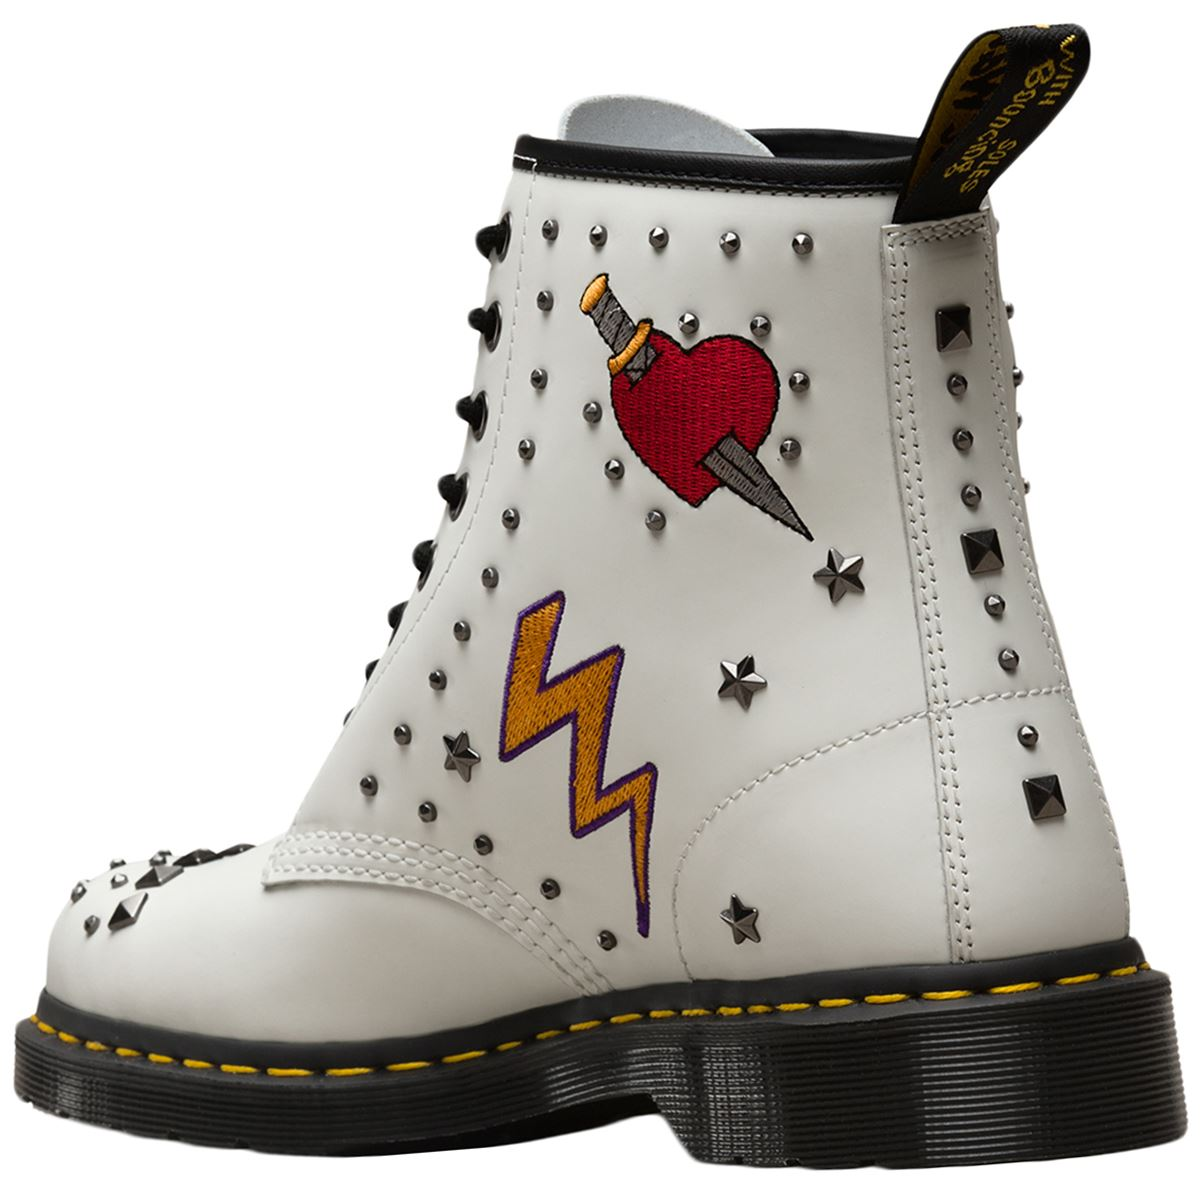 Dr.Martens 1460 Rockabilly Rockabilly Rockabilly Smooth Leather Womens Mens Combat Unisex Boots d28d54